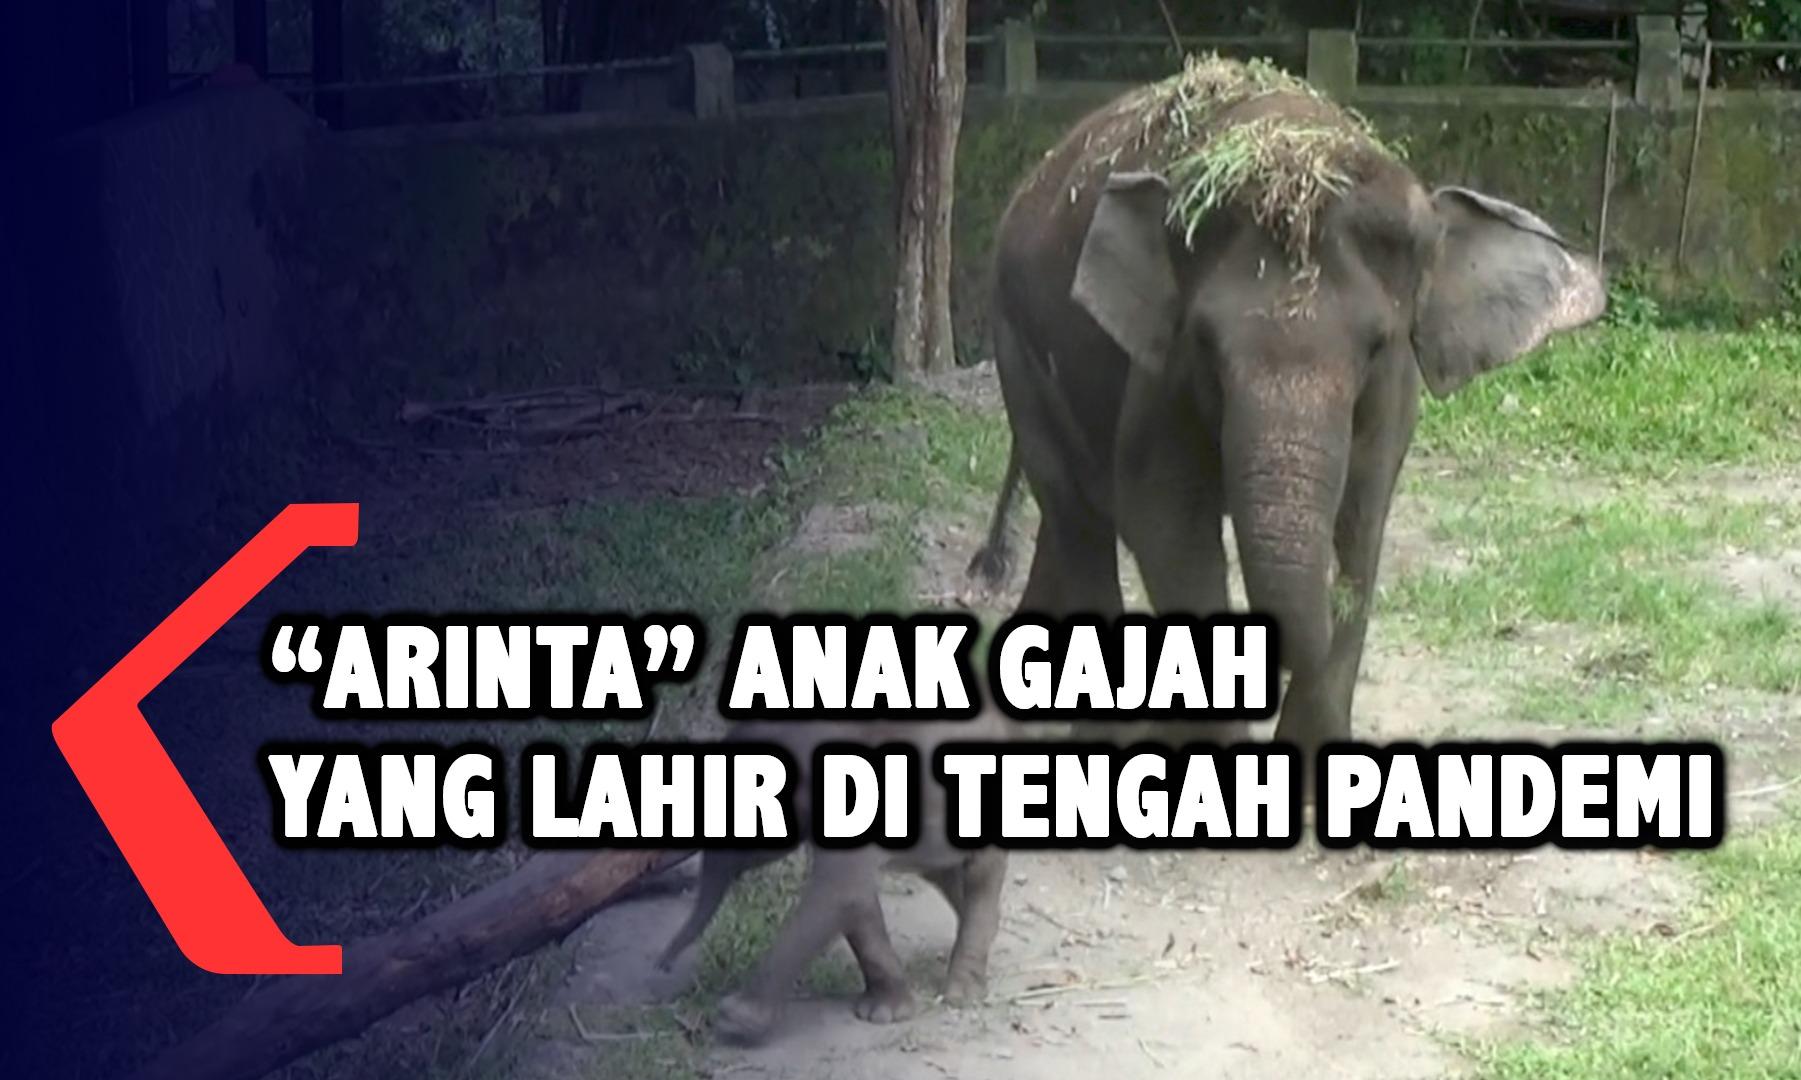 arinta-anak-gajah-sumatera-yang-lahir-di-tengah-pandemi-corona